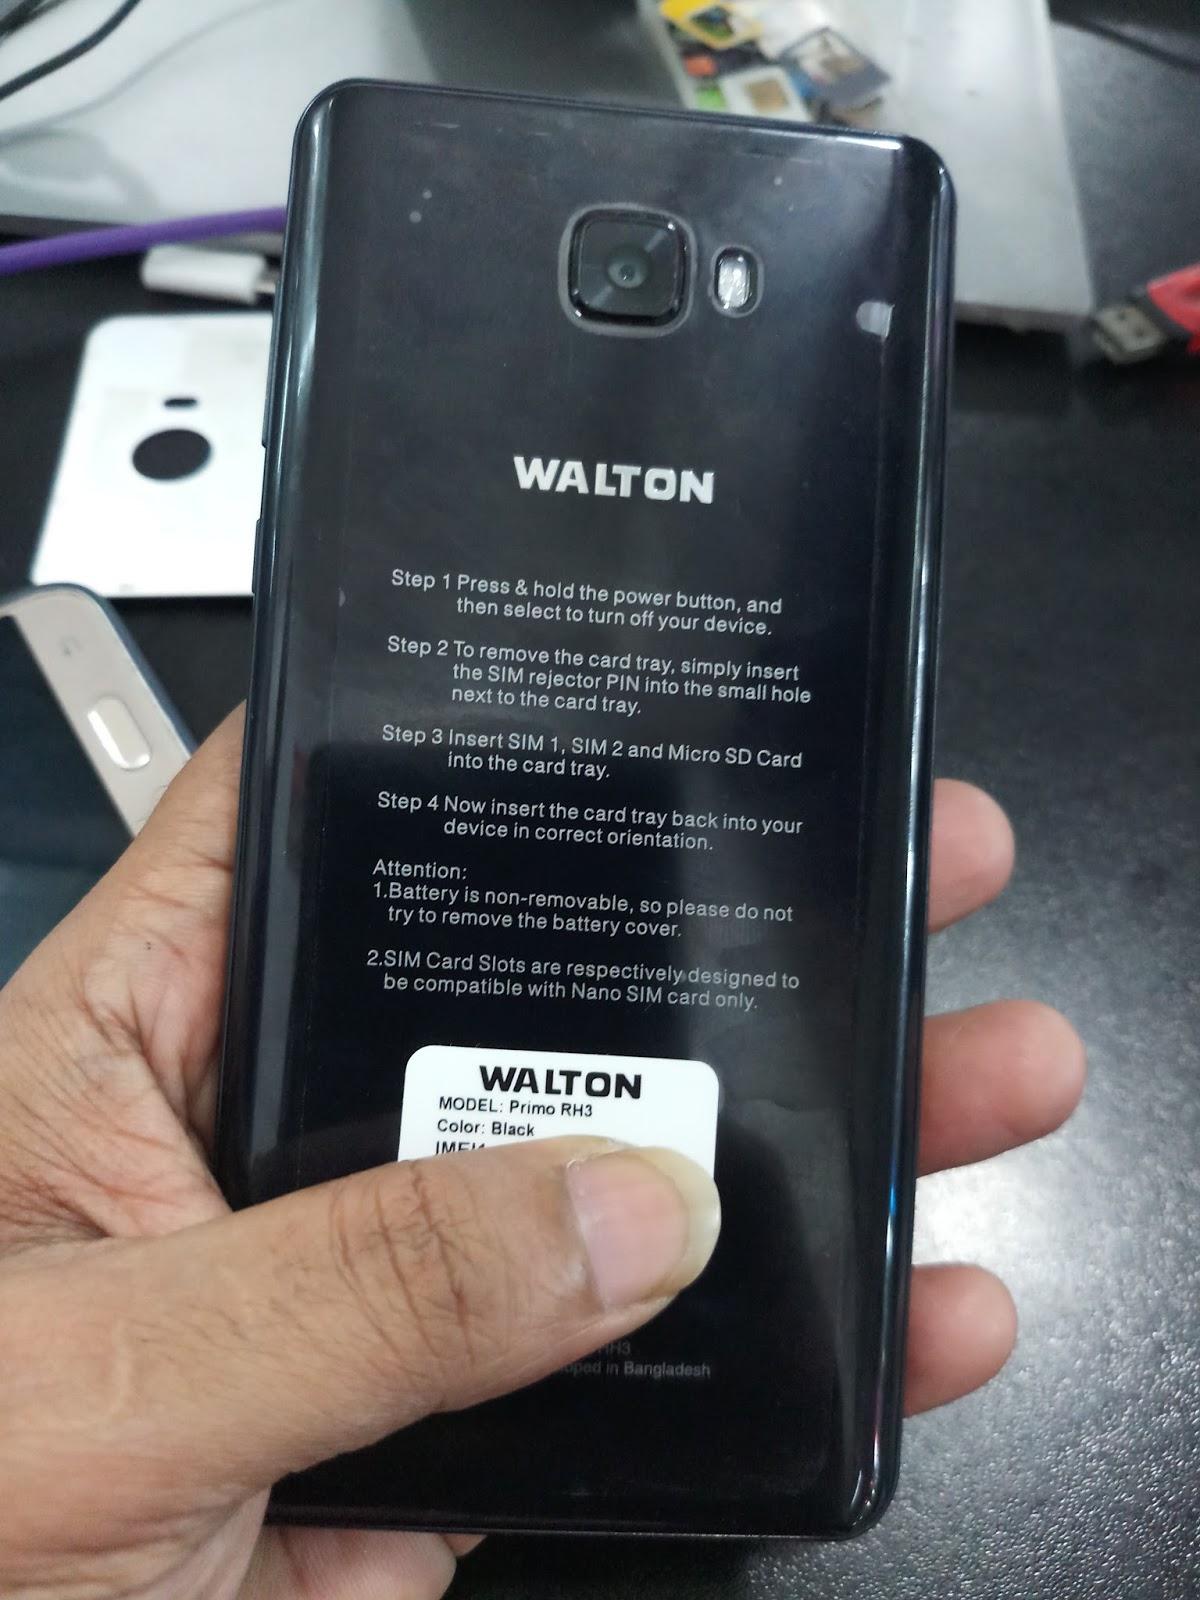 WALTON PRIMO RH3 NOUGAT 7 0 MT6735m (DEAD BOOT RECOVER FRP